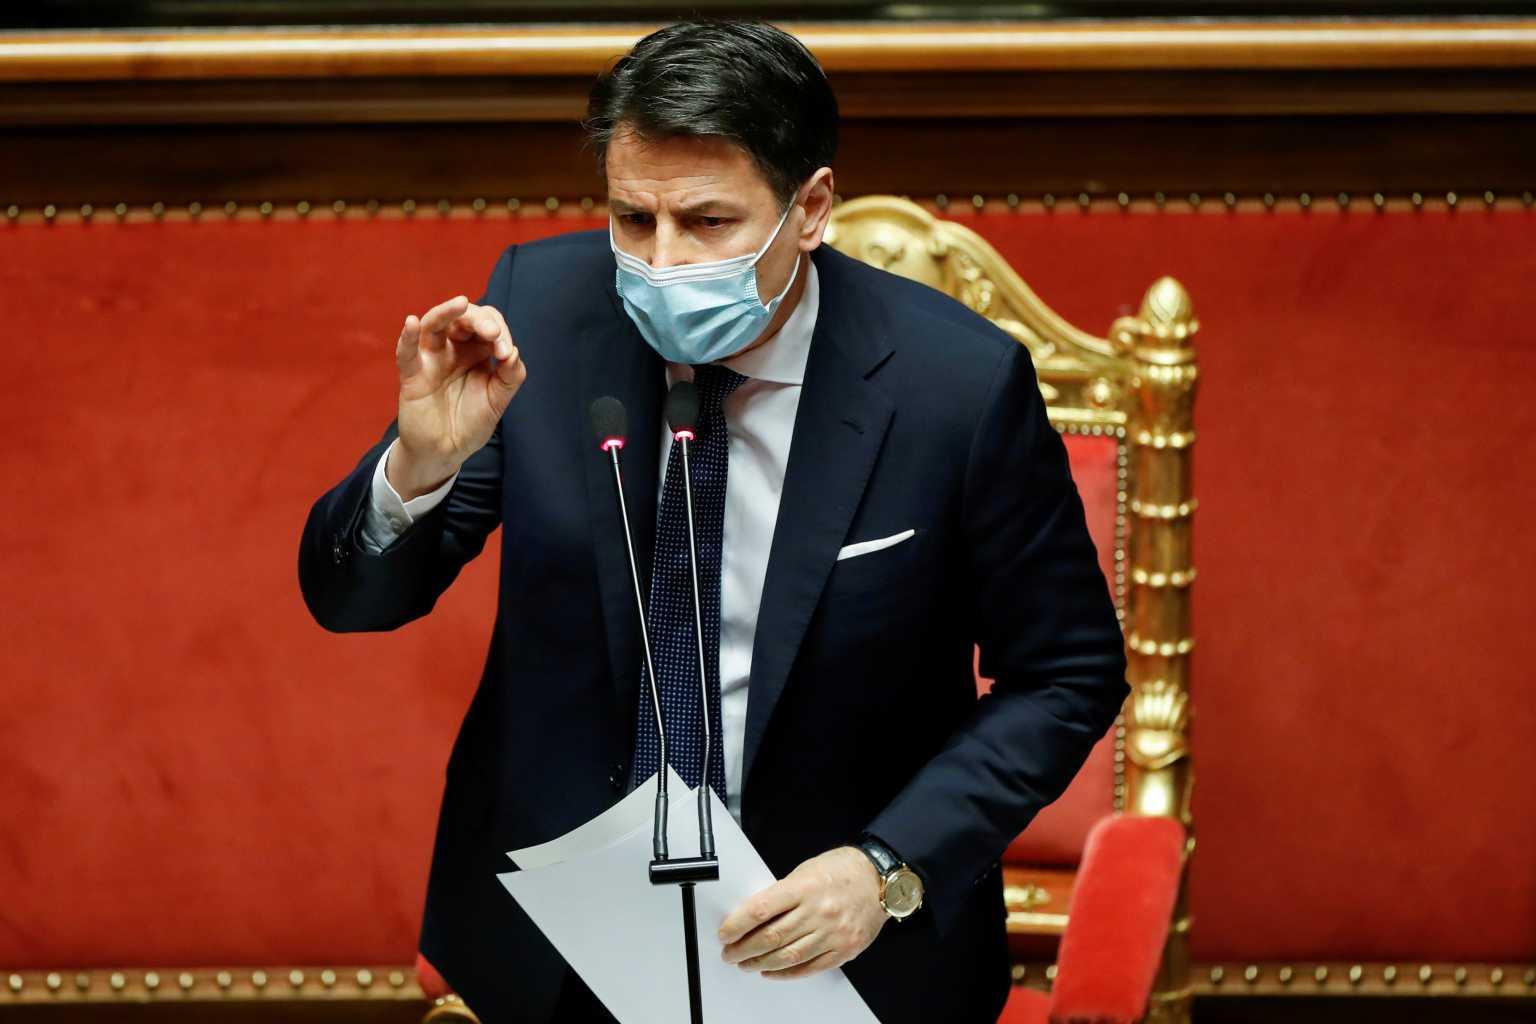 Ιταλός πρωθυπουργός: Θα προσφύγουμε κατά των φαρμακοβιομηχανιών για τα εμβόλια